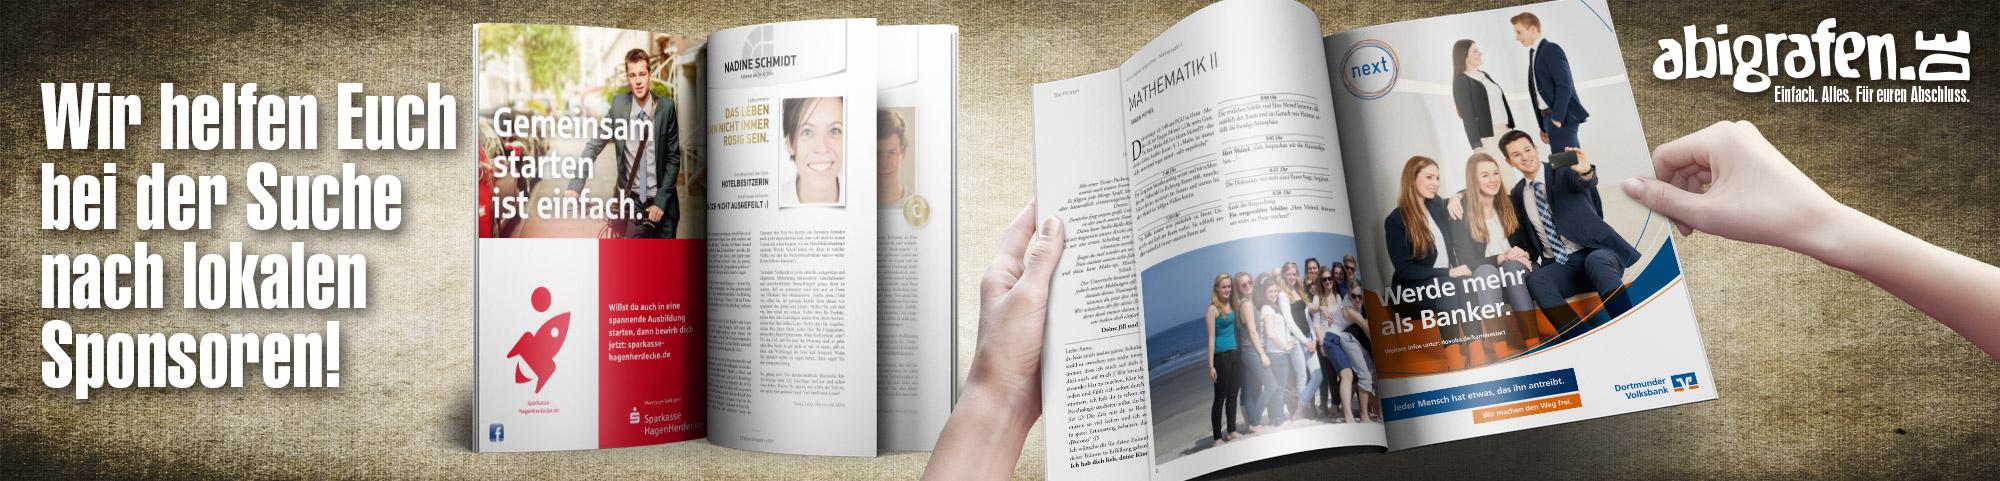 Werbeanzeigen für Abizeitungen im Umfeld (lokal)- Sponsoring abigrafen.de®